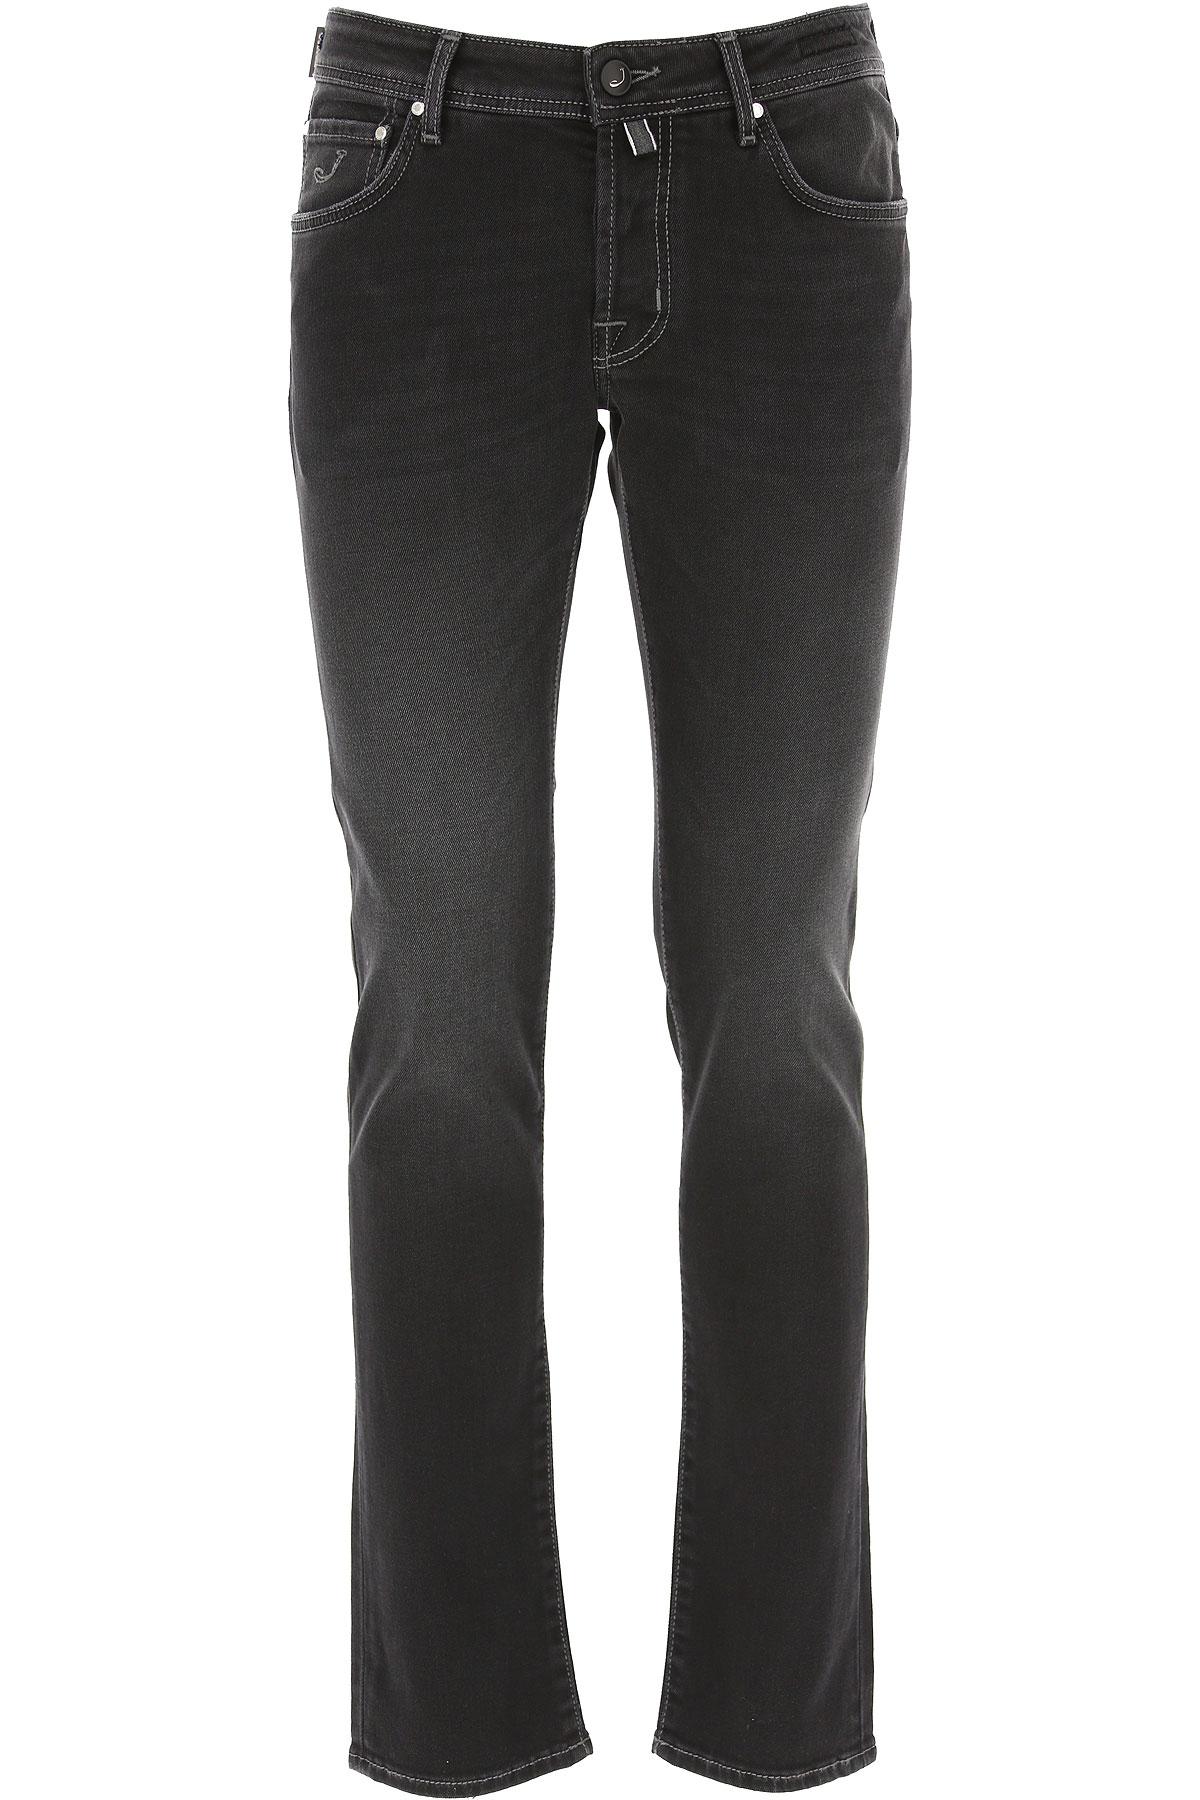 Jacob Cohen Jeans On Sale, Black, Cotton, 2019, 31 32 33 34 36 38